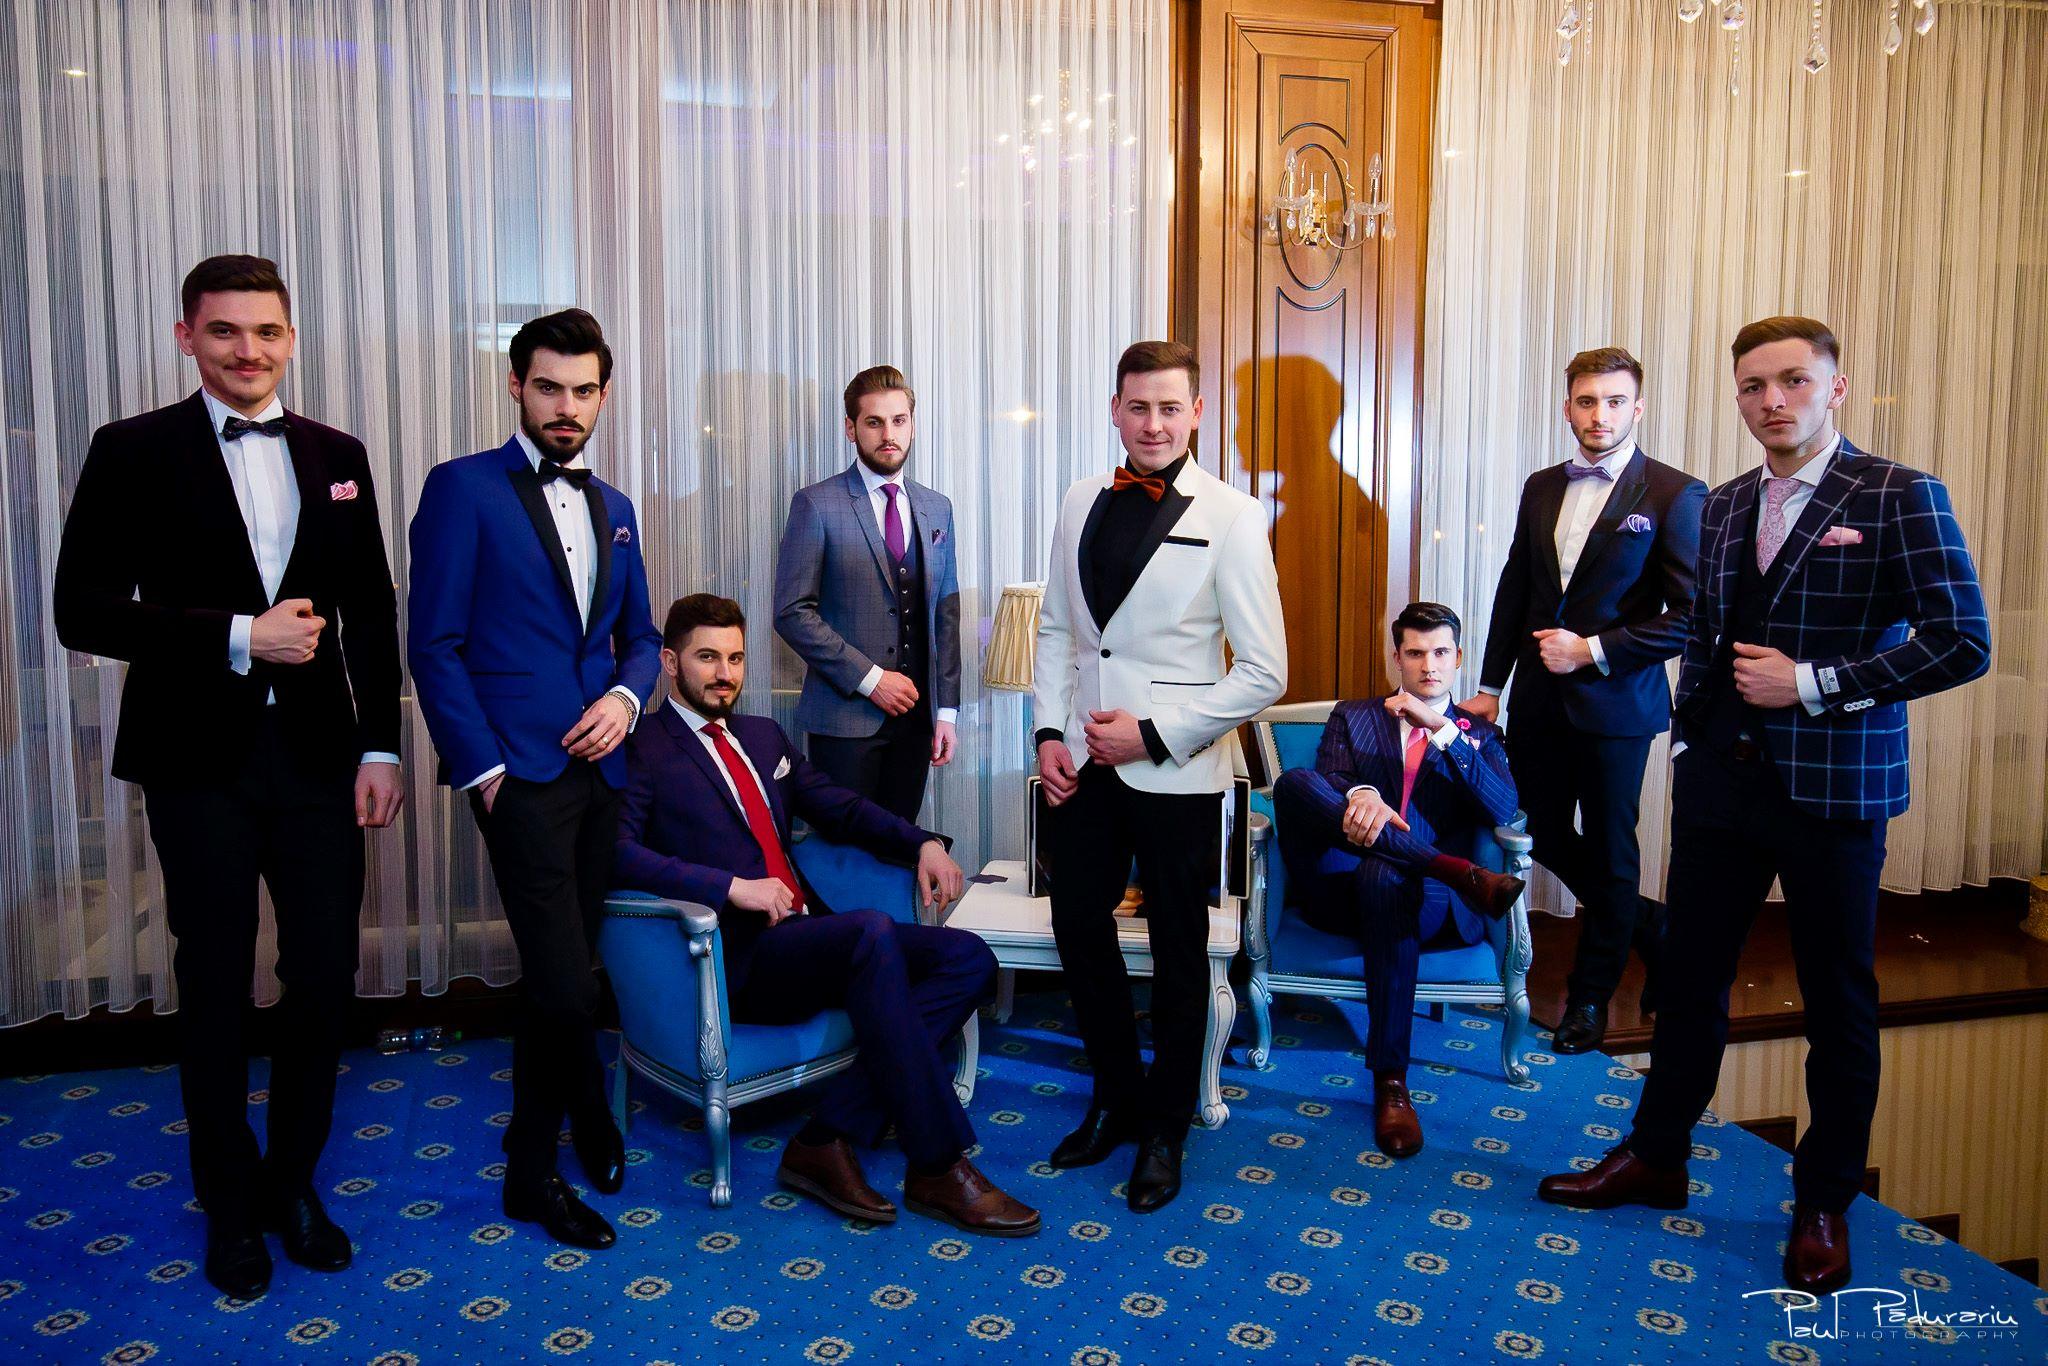 Seroussi | Producător și distribuitor de costume bărbătești colectia 2019 - costum mire - paul padurariu fotograf nunta iasi www.paulpadurariu.ro 35